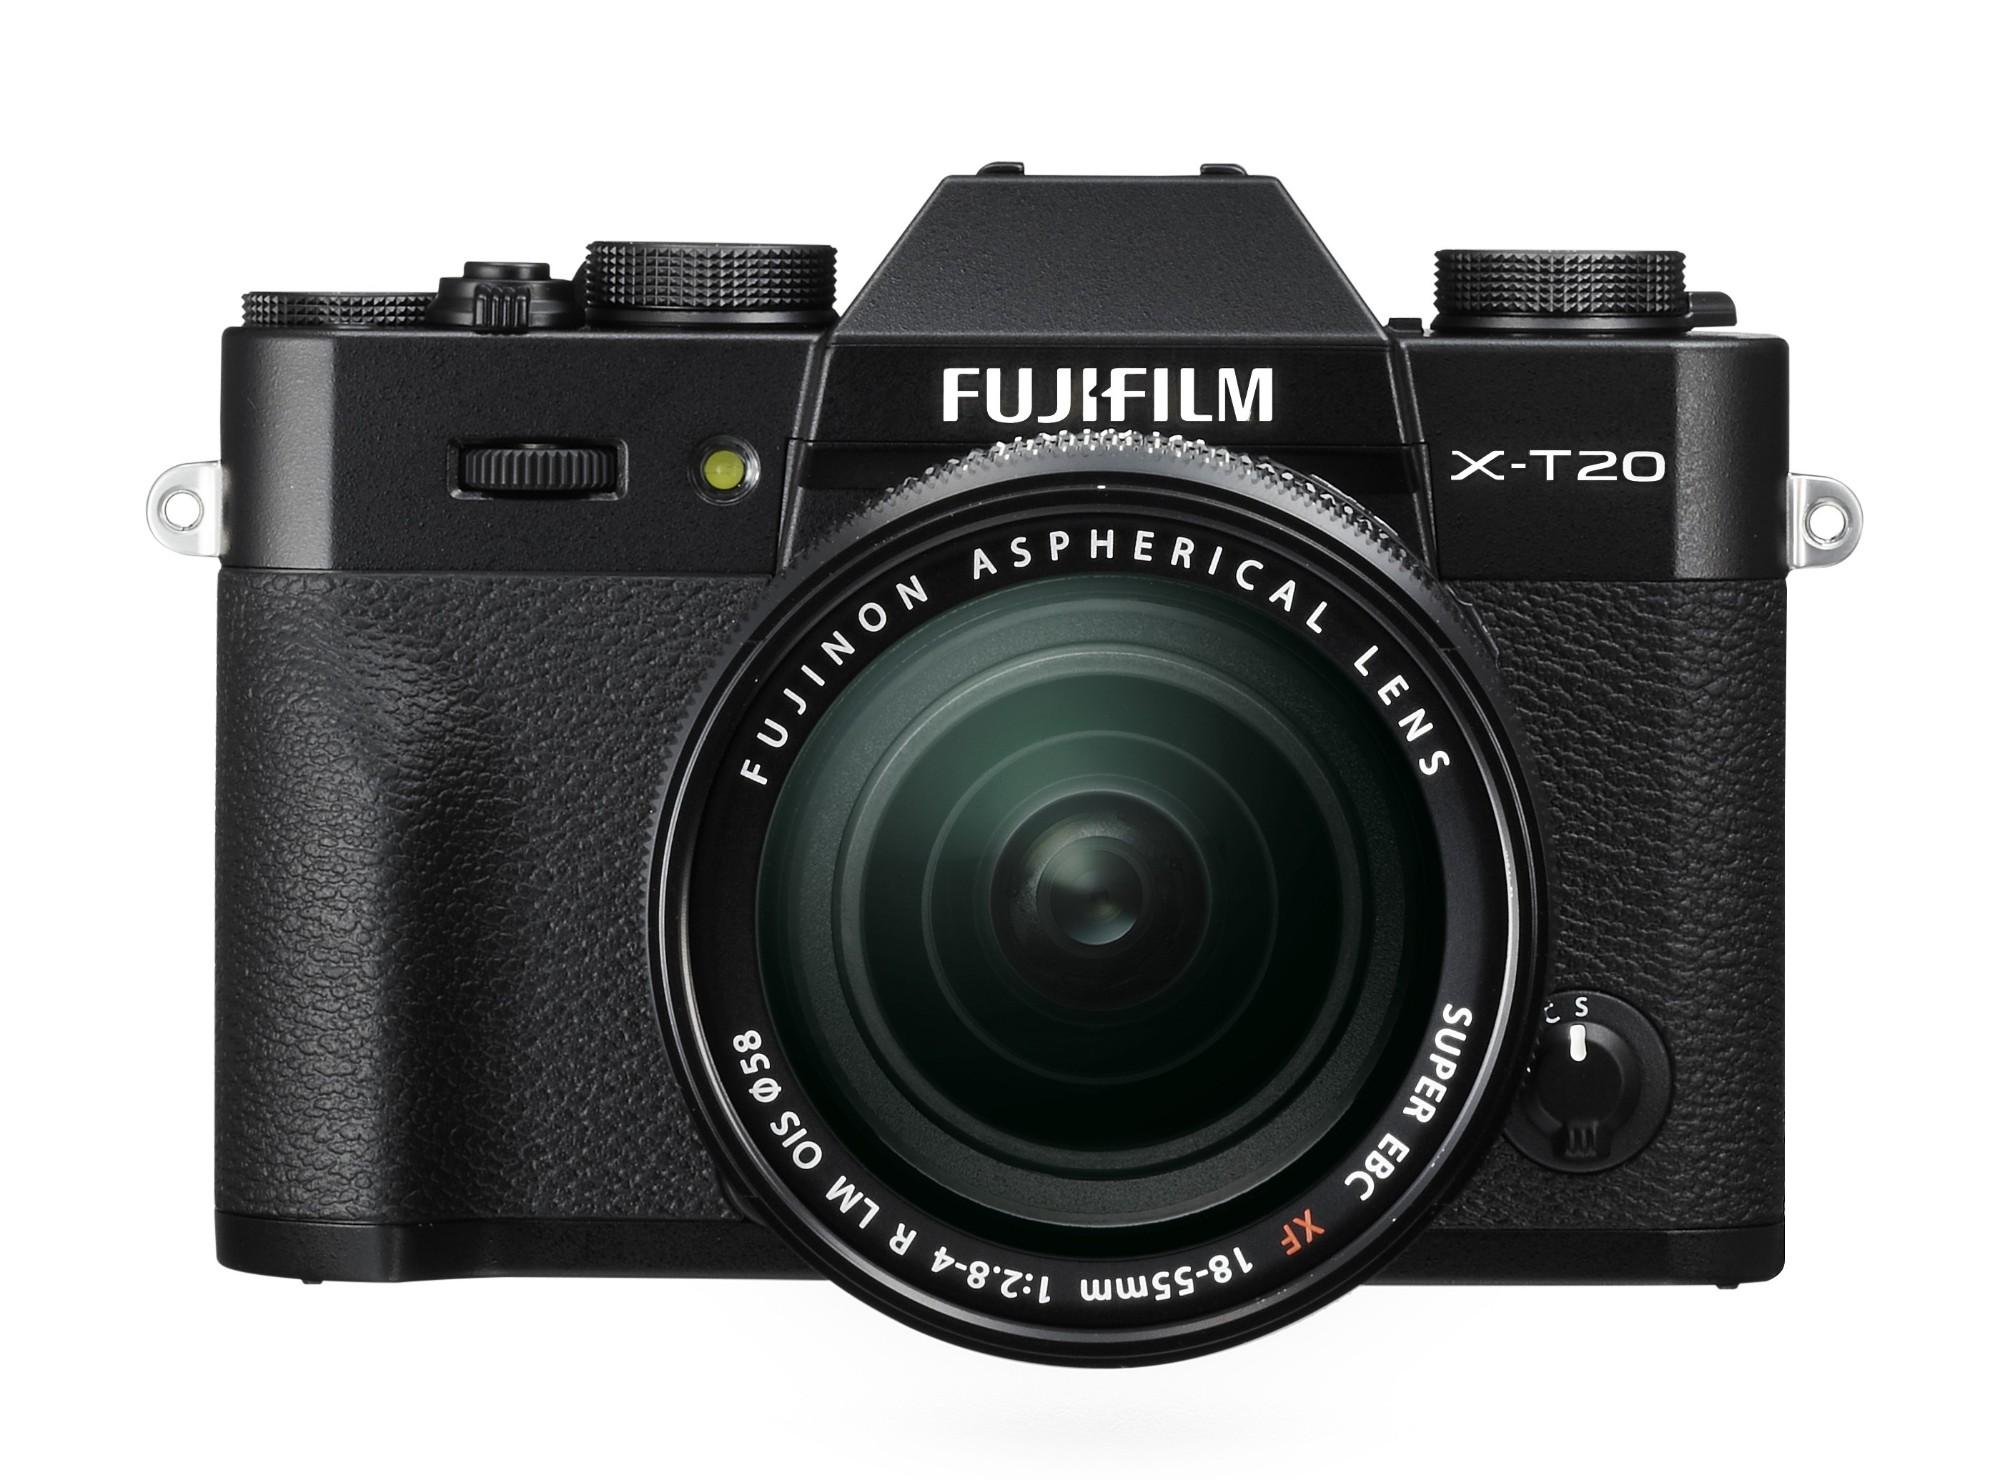 Fujifilm X T20 + XF 18-55mm F 2.8-4 R LM OIS MILC 24.3MP CMOS III 6000 x 4000pixels Black